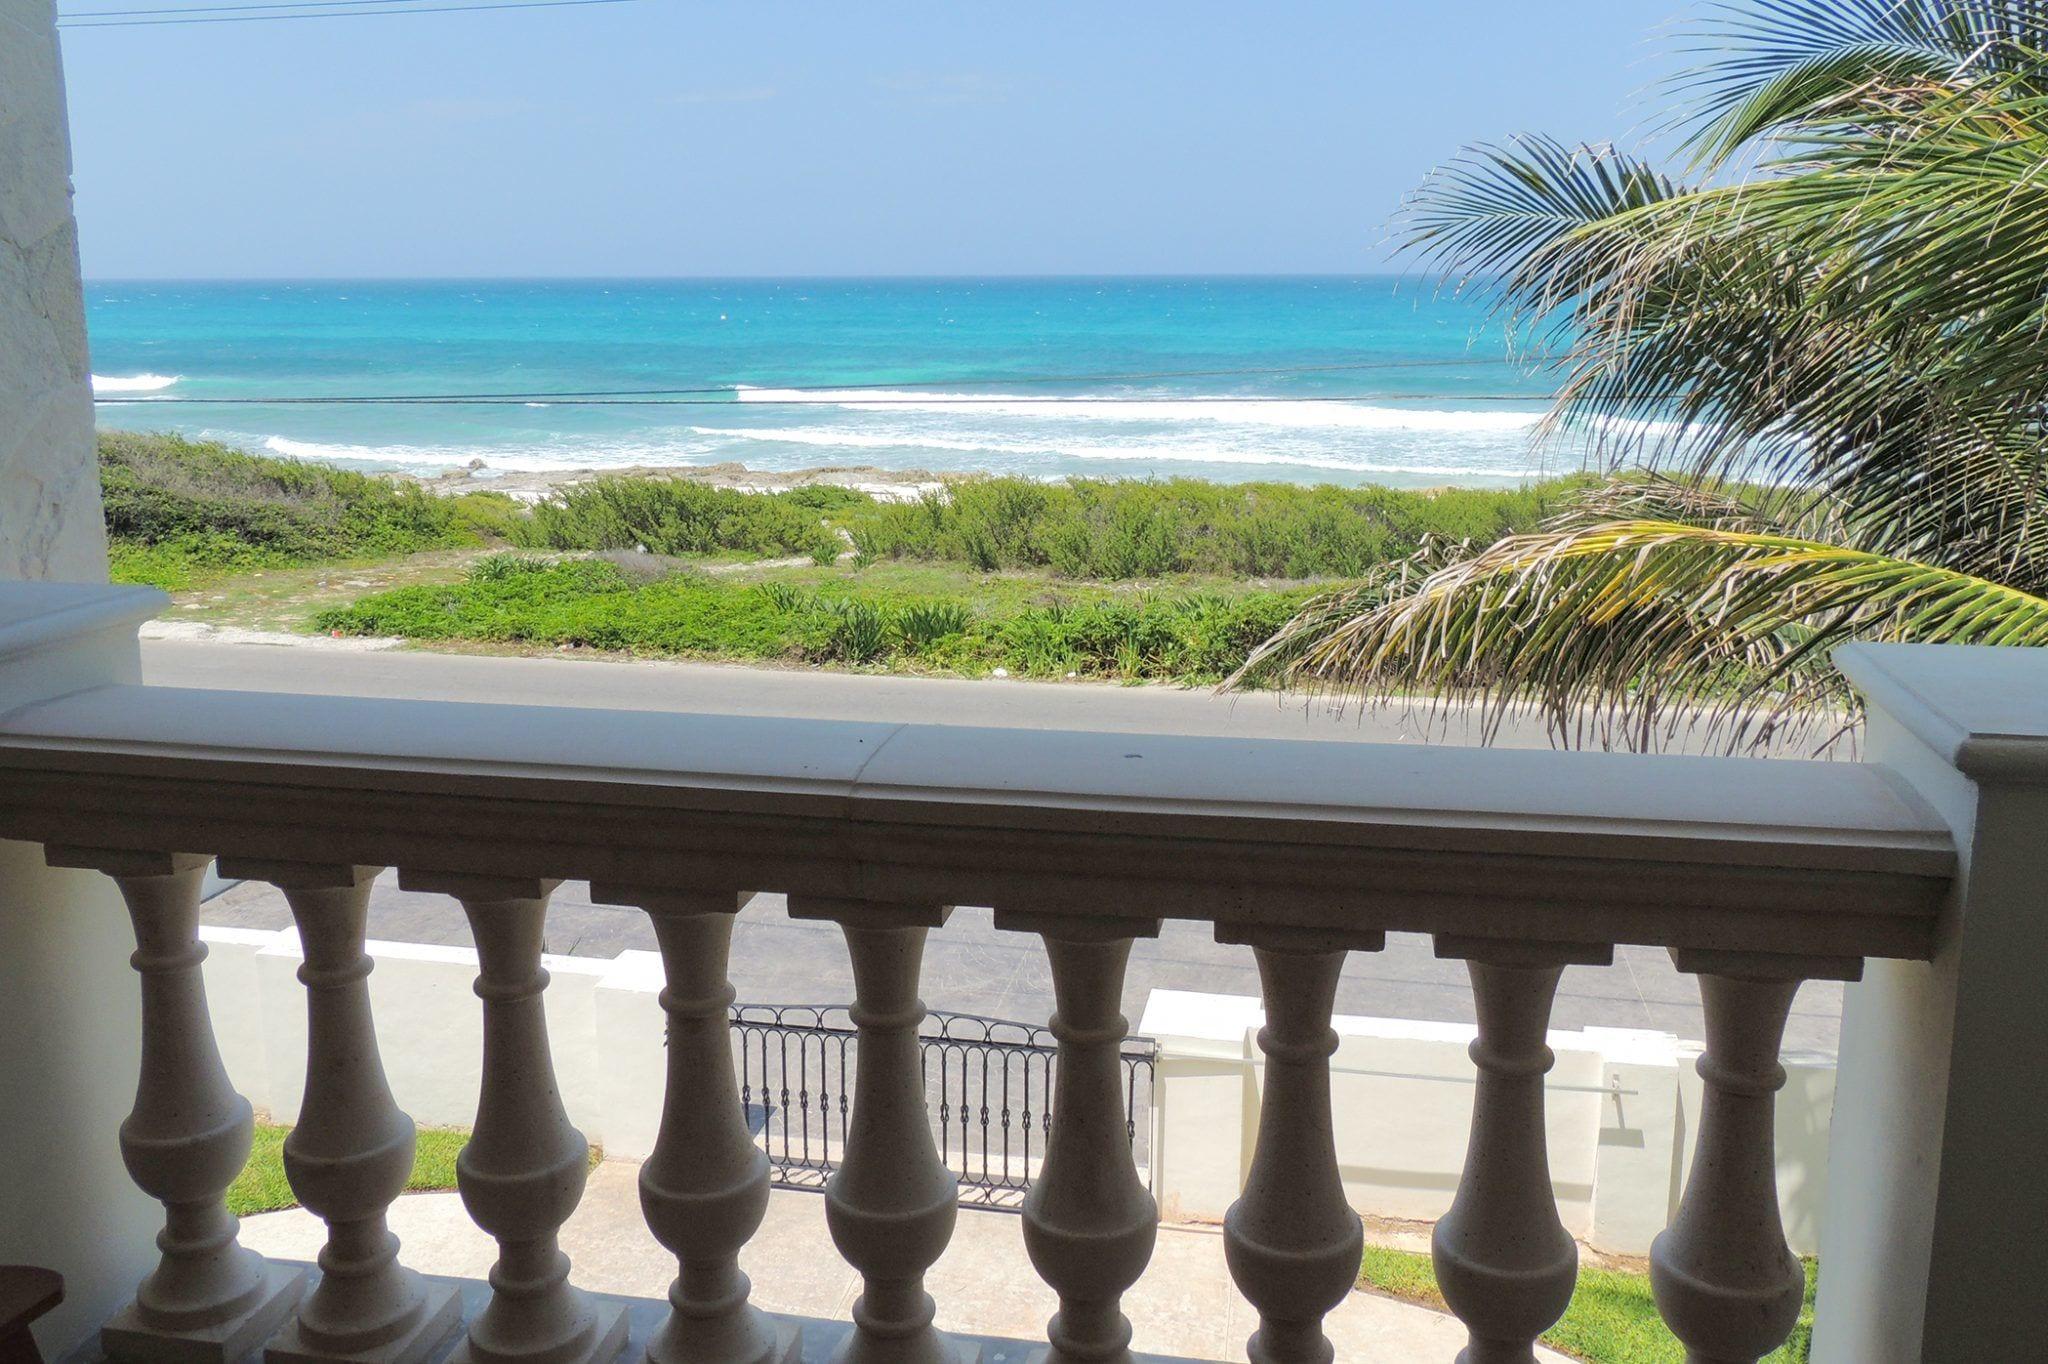 Casita B - Suite 1 - Ocean View